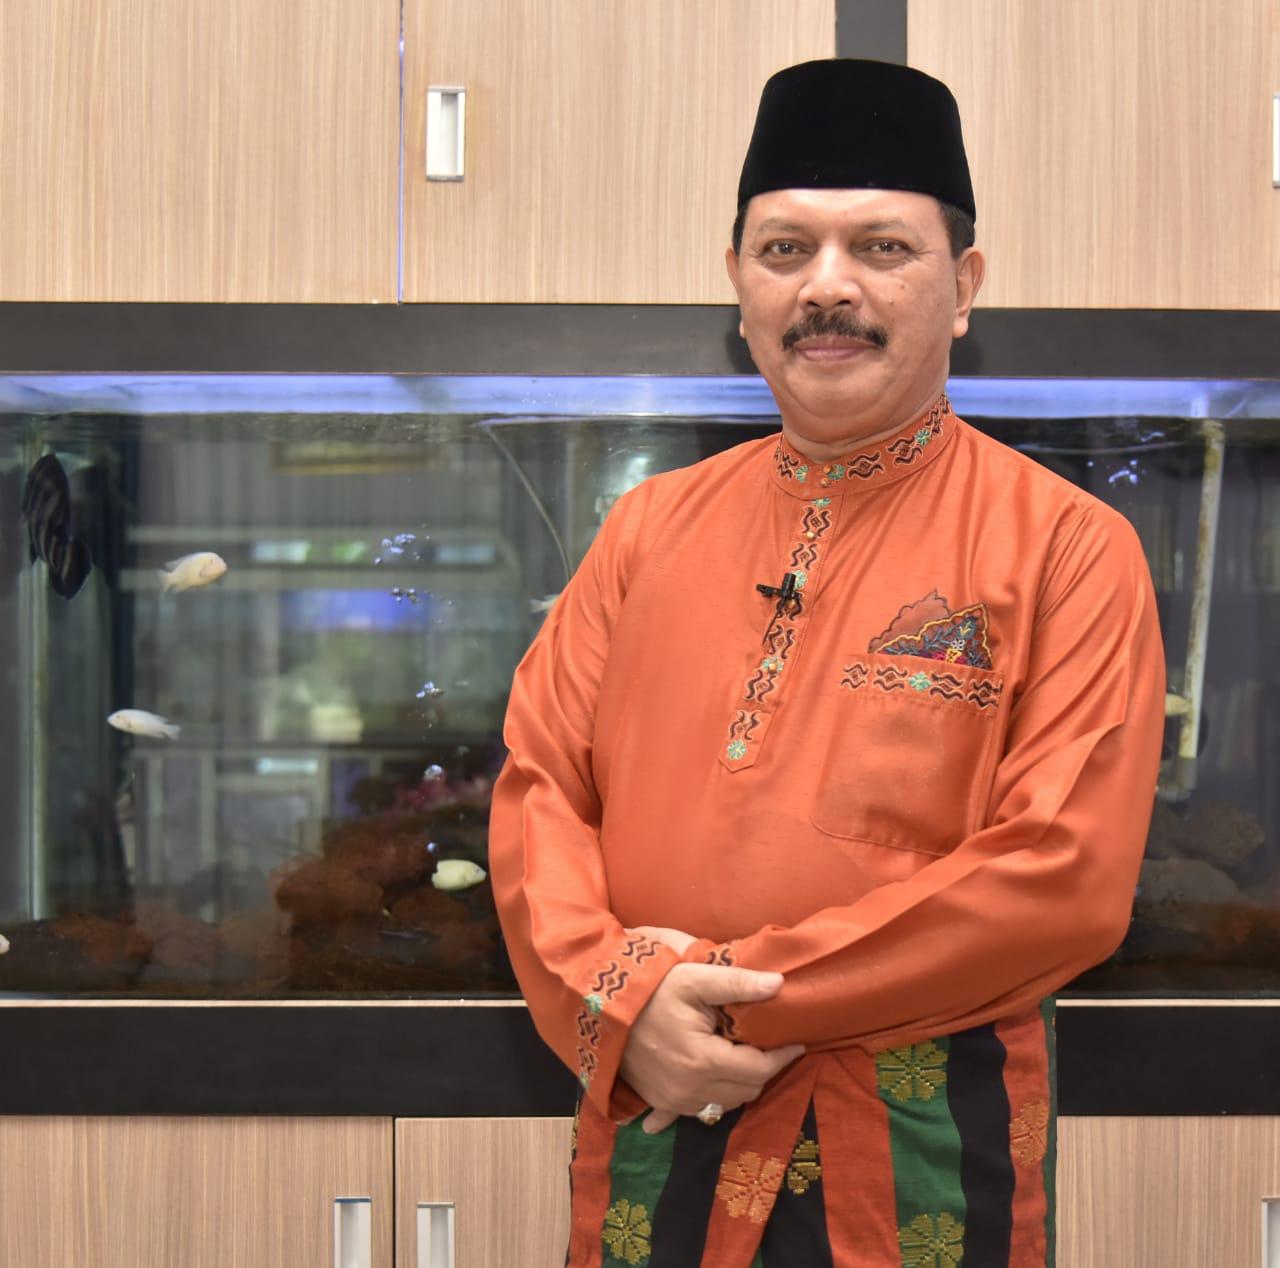 Jajaran Pemkab Inhil Ucapkan Selamat Atas Pernikahan Putra Bungsu Bupati, HM Wardan